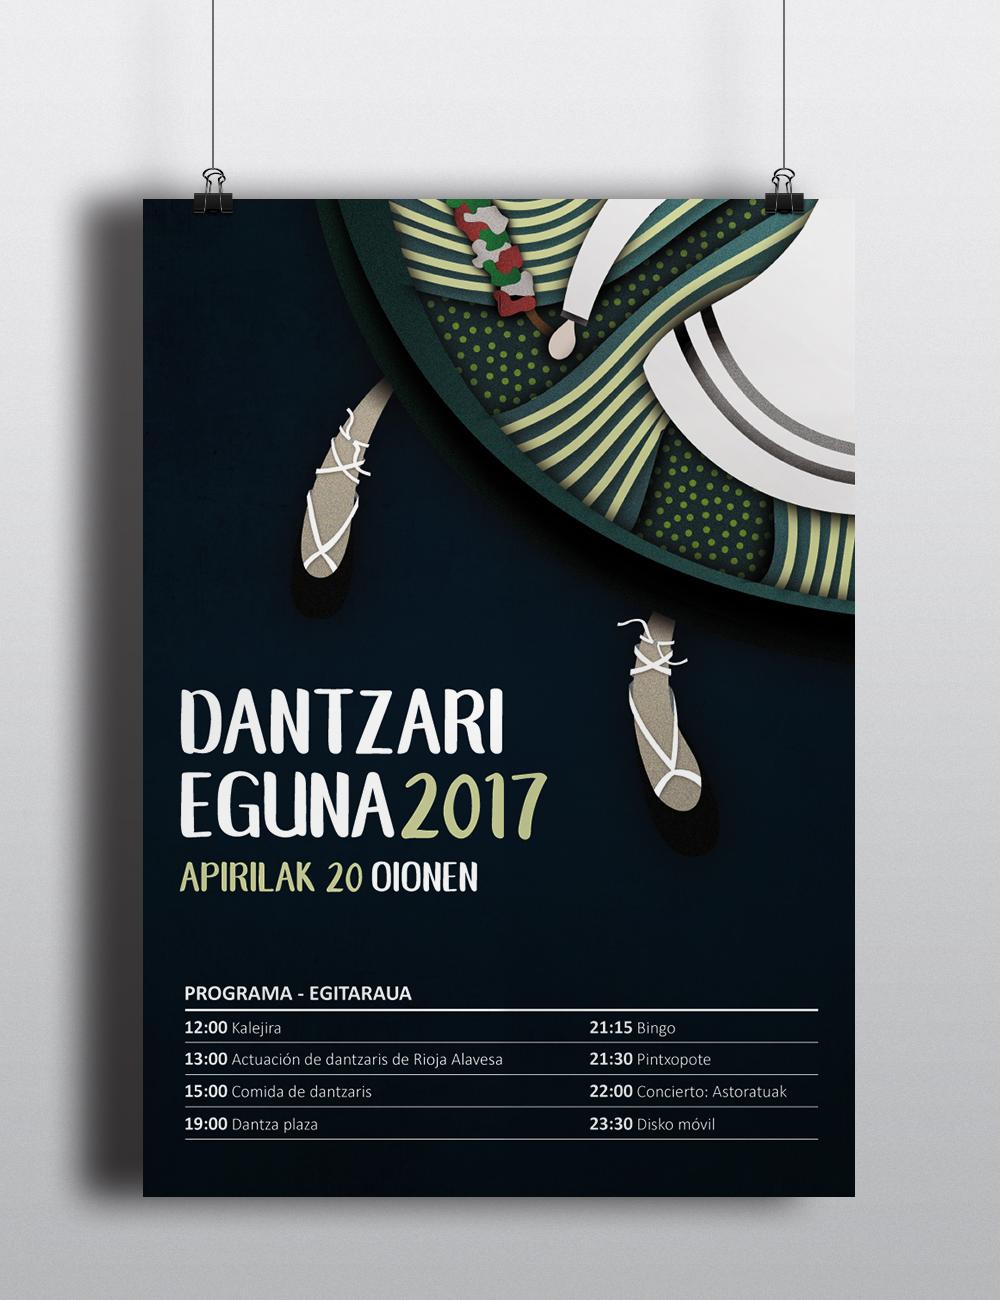 dantzari-eguna-oion-kartela-inaki-errasti